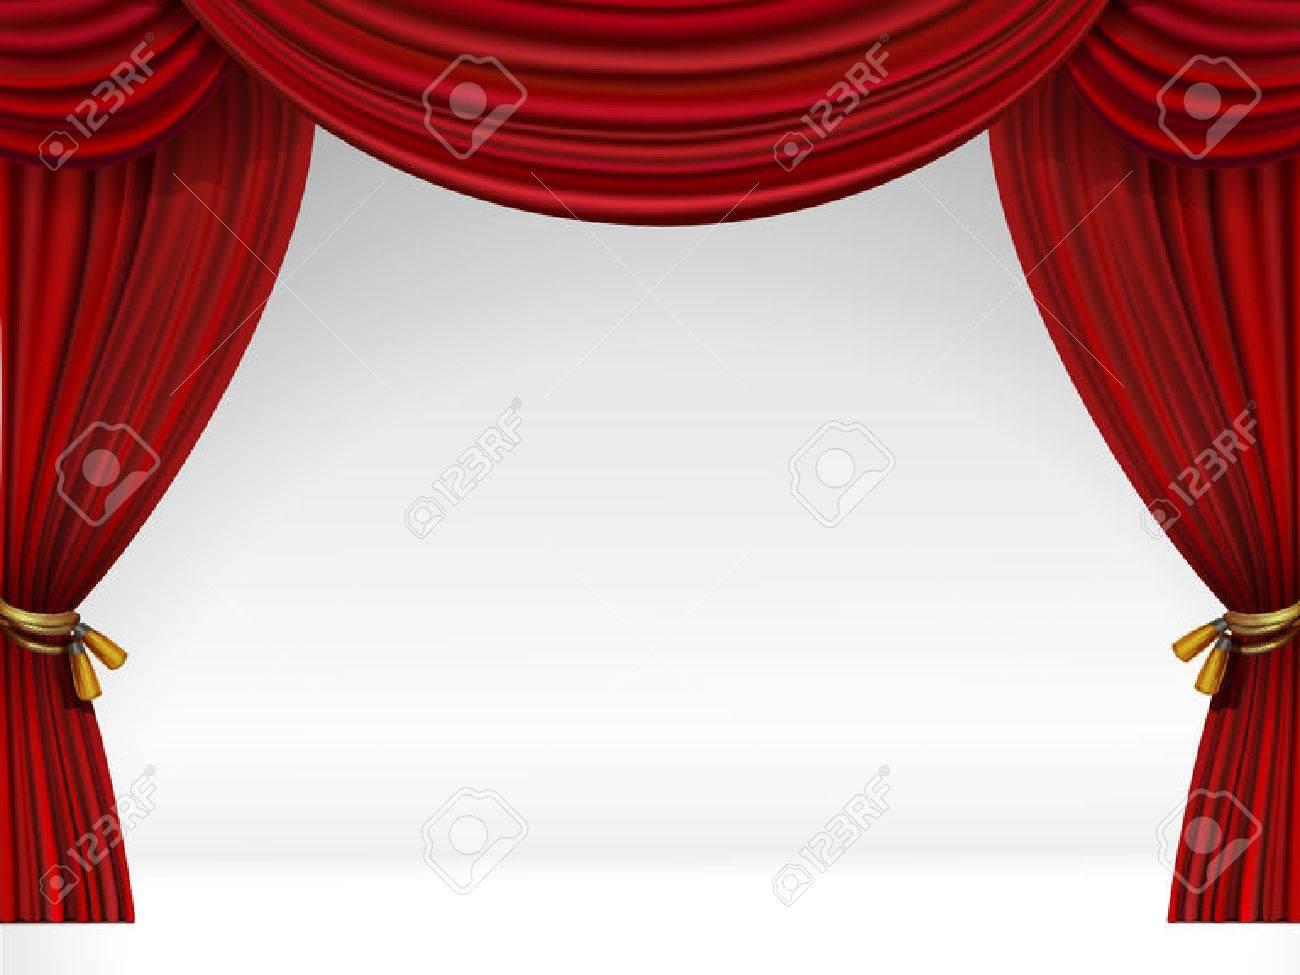 Vector White Scène Met Geïsoleerde Rode Gordijnen Royalty Vrije ...